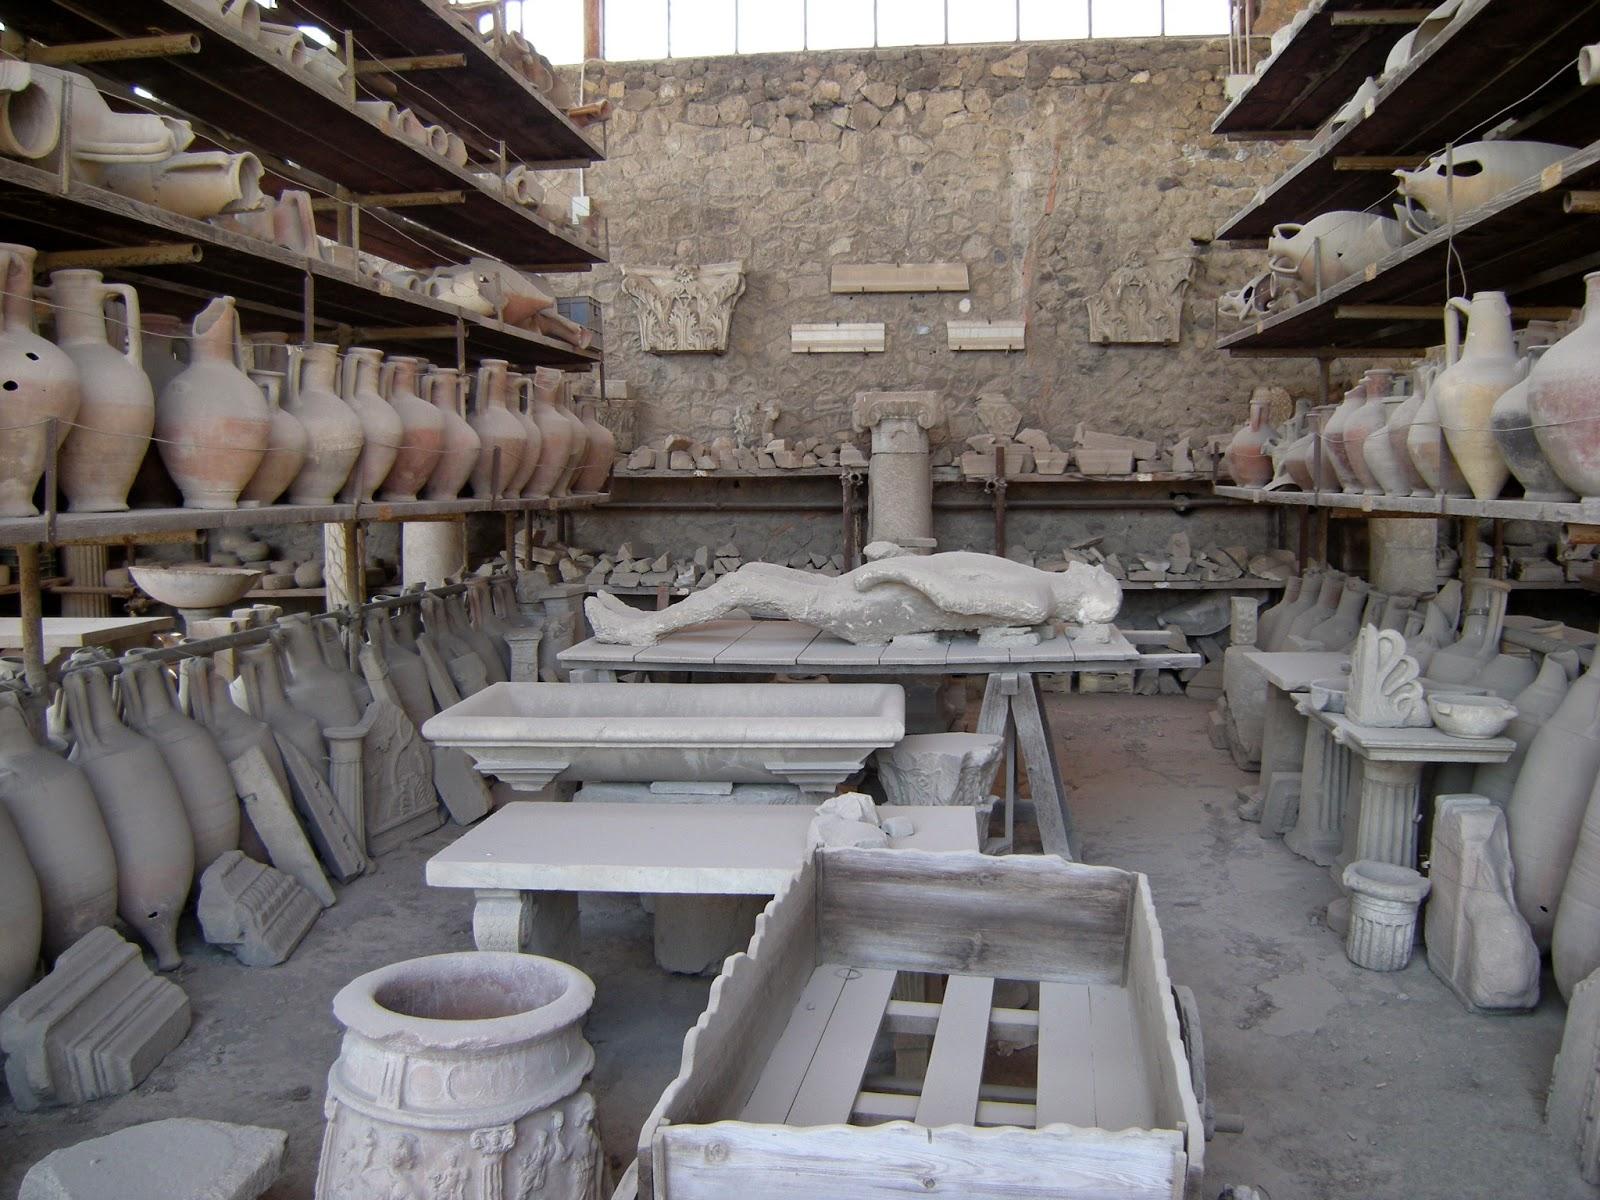 Restos Arqueológicos hallados en la ciudad de Pompeya, desde vasijas hasta restos humanos.